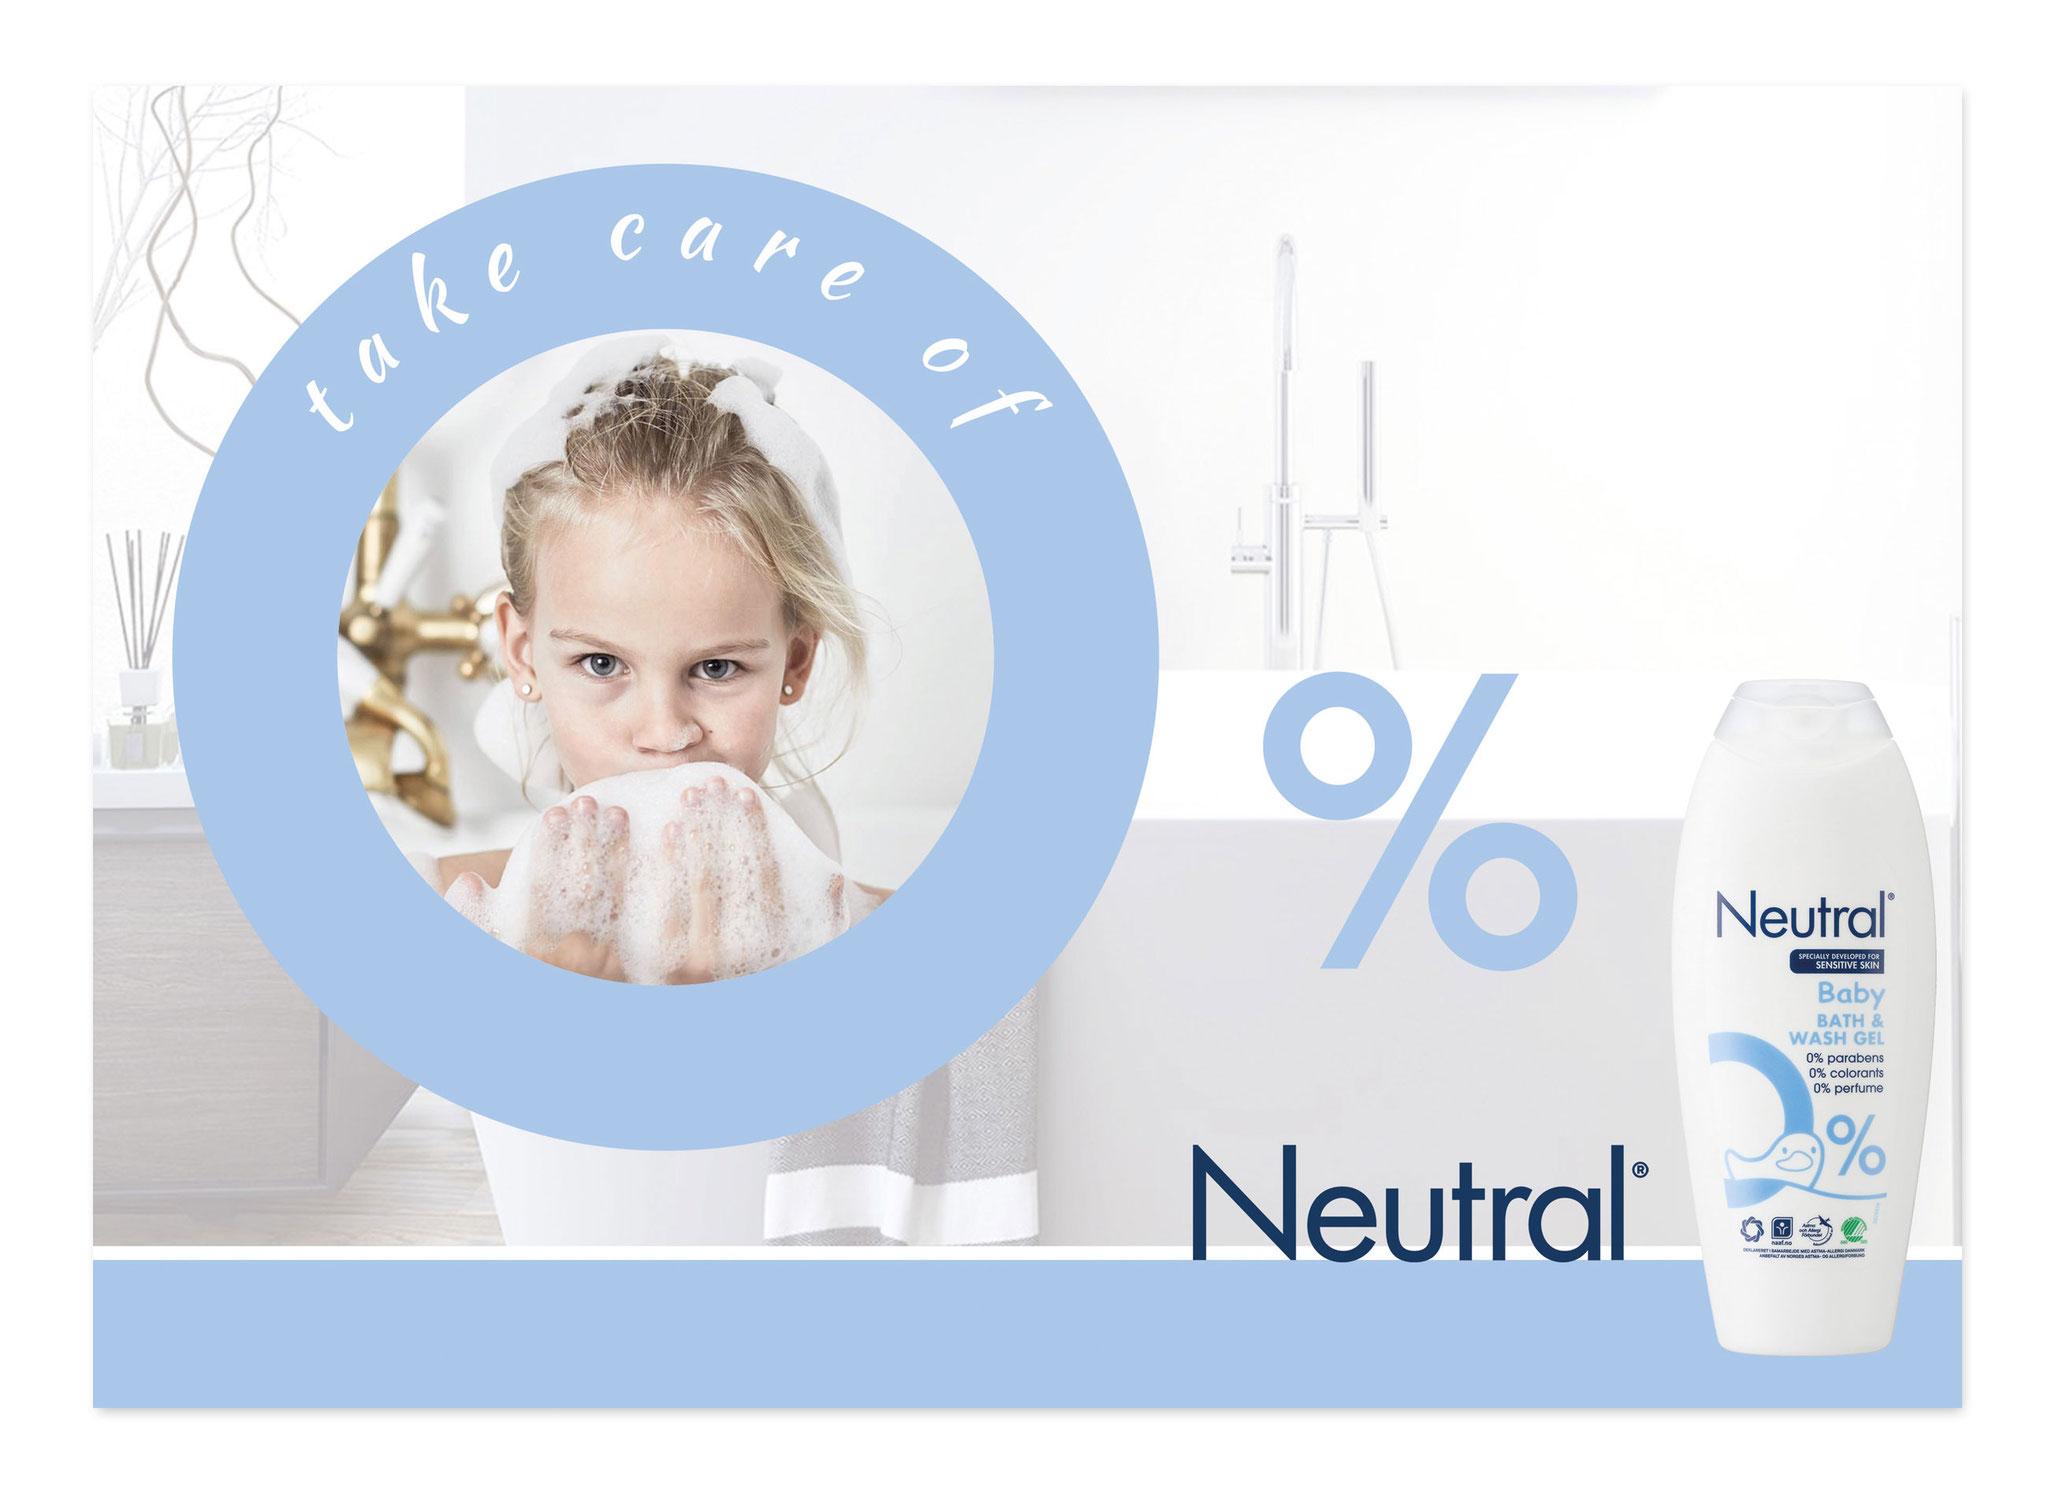 Baby Bath & Wash Gel